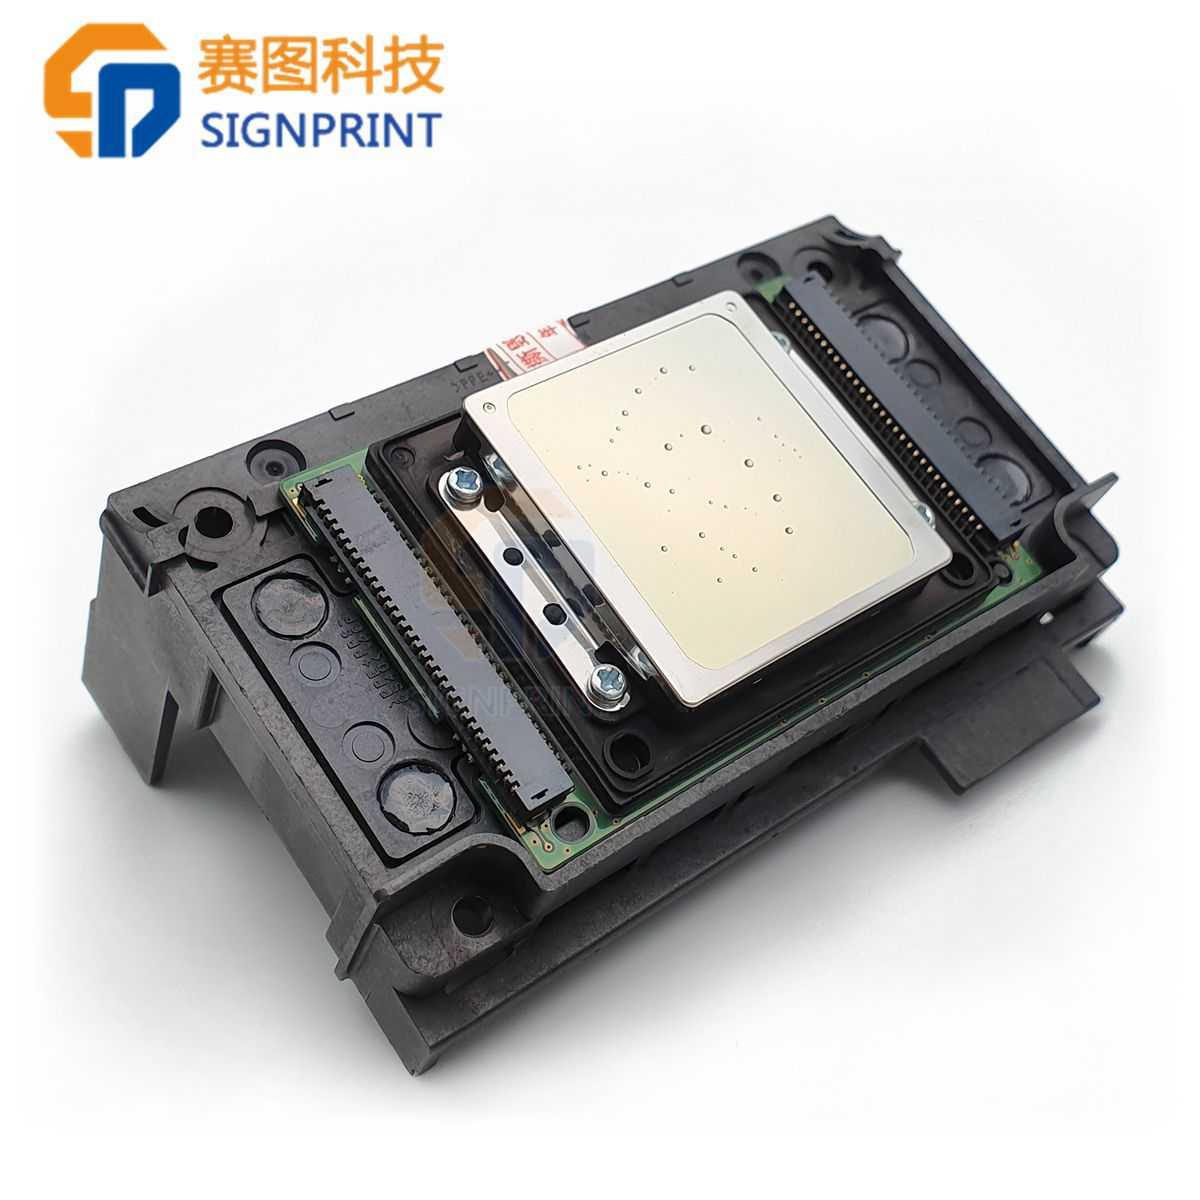 Xp600 printhead